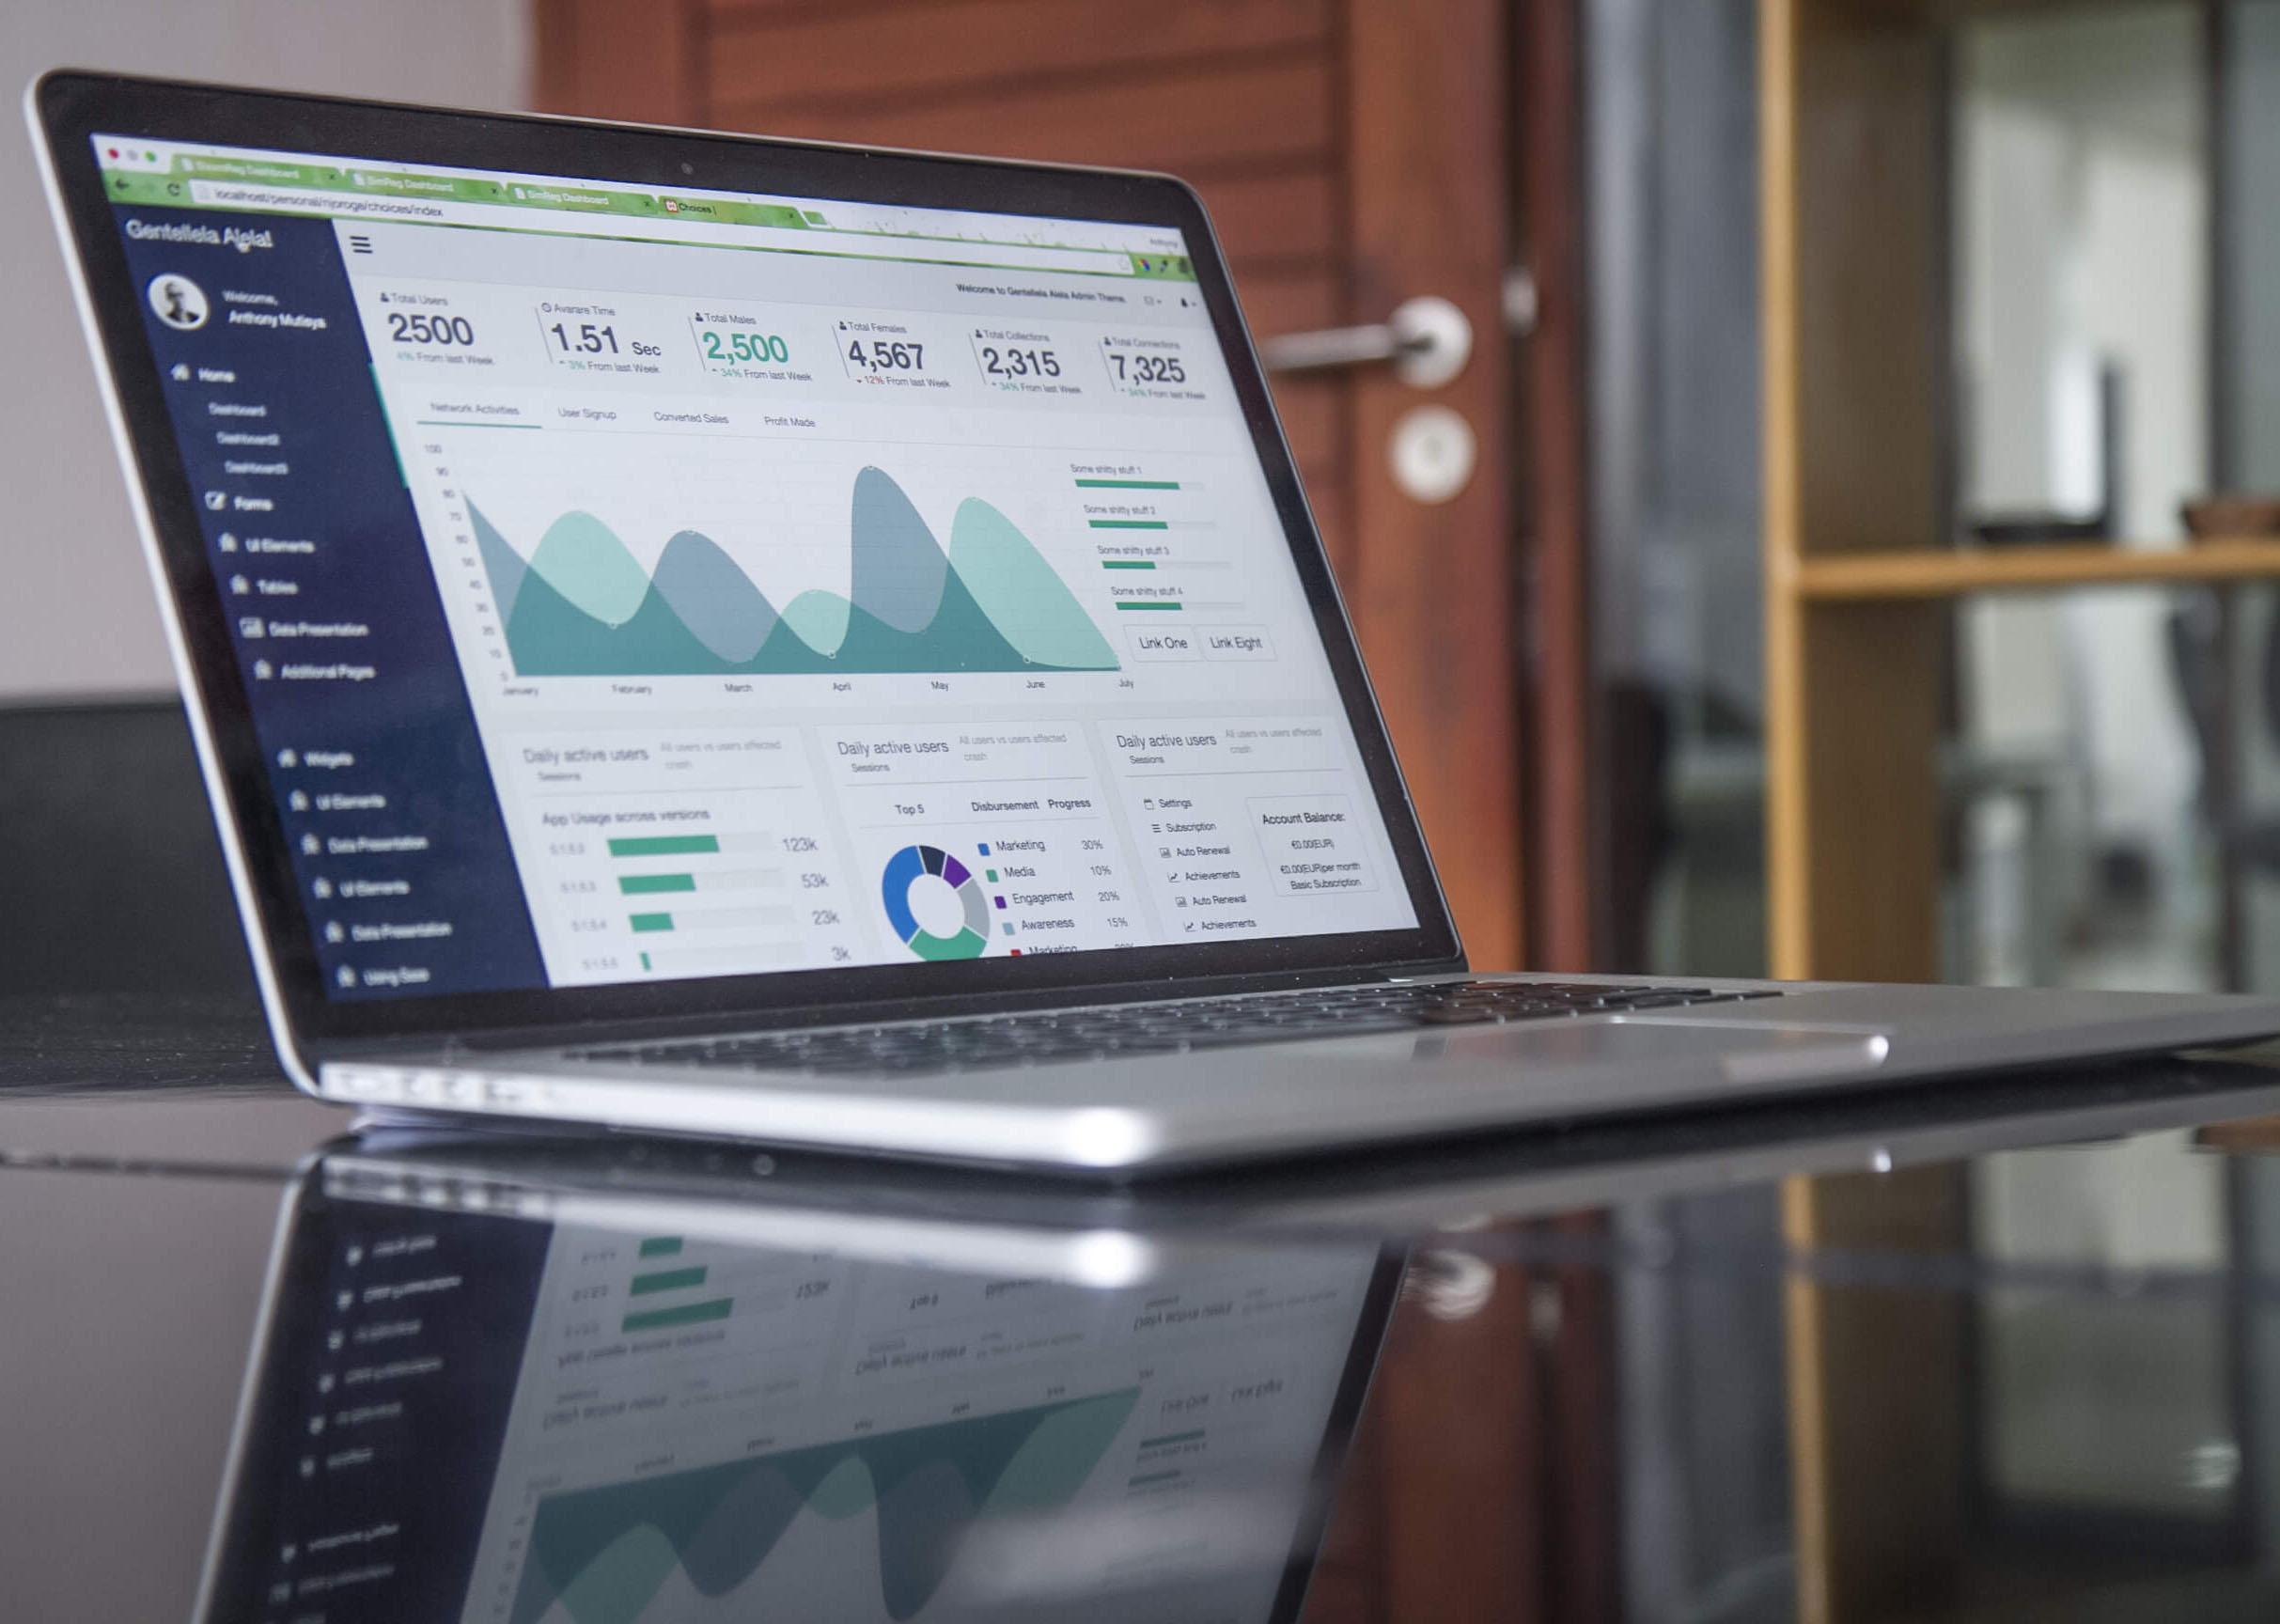 DATOS - Le ayudamos a definir un plan de cuentas de informes estándar. Implementamos las mejores prácticas de integración de datos de sus sistemas de origen para garantizar que dichos datos se carguen mediante un proceso coherente, controlado y auditable. Finalmente, implementamos procesos para recopilar datos complementarios para una experiencia de informes más rica y completa.